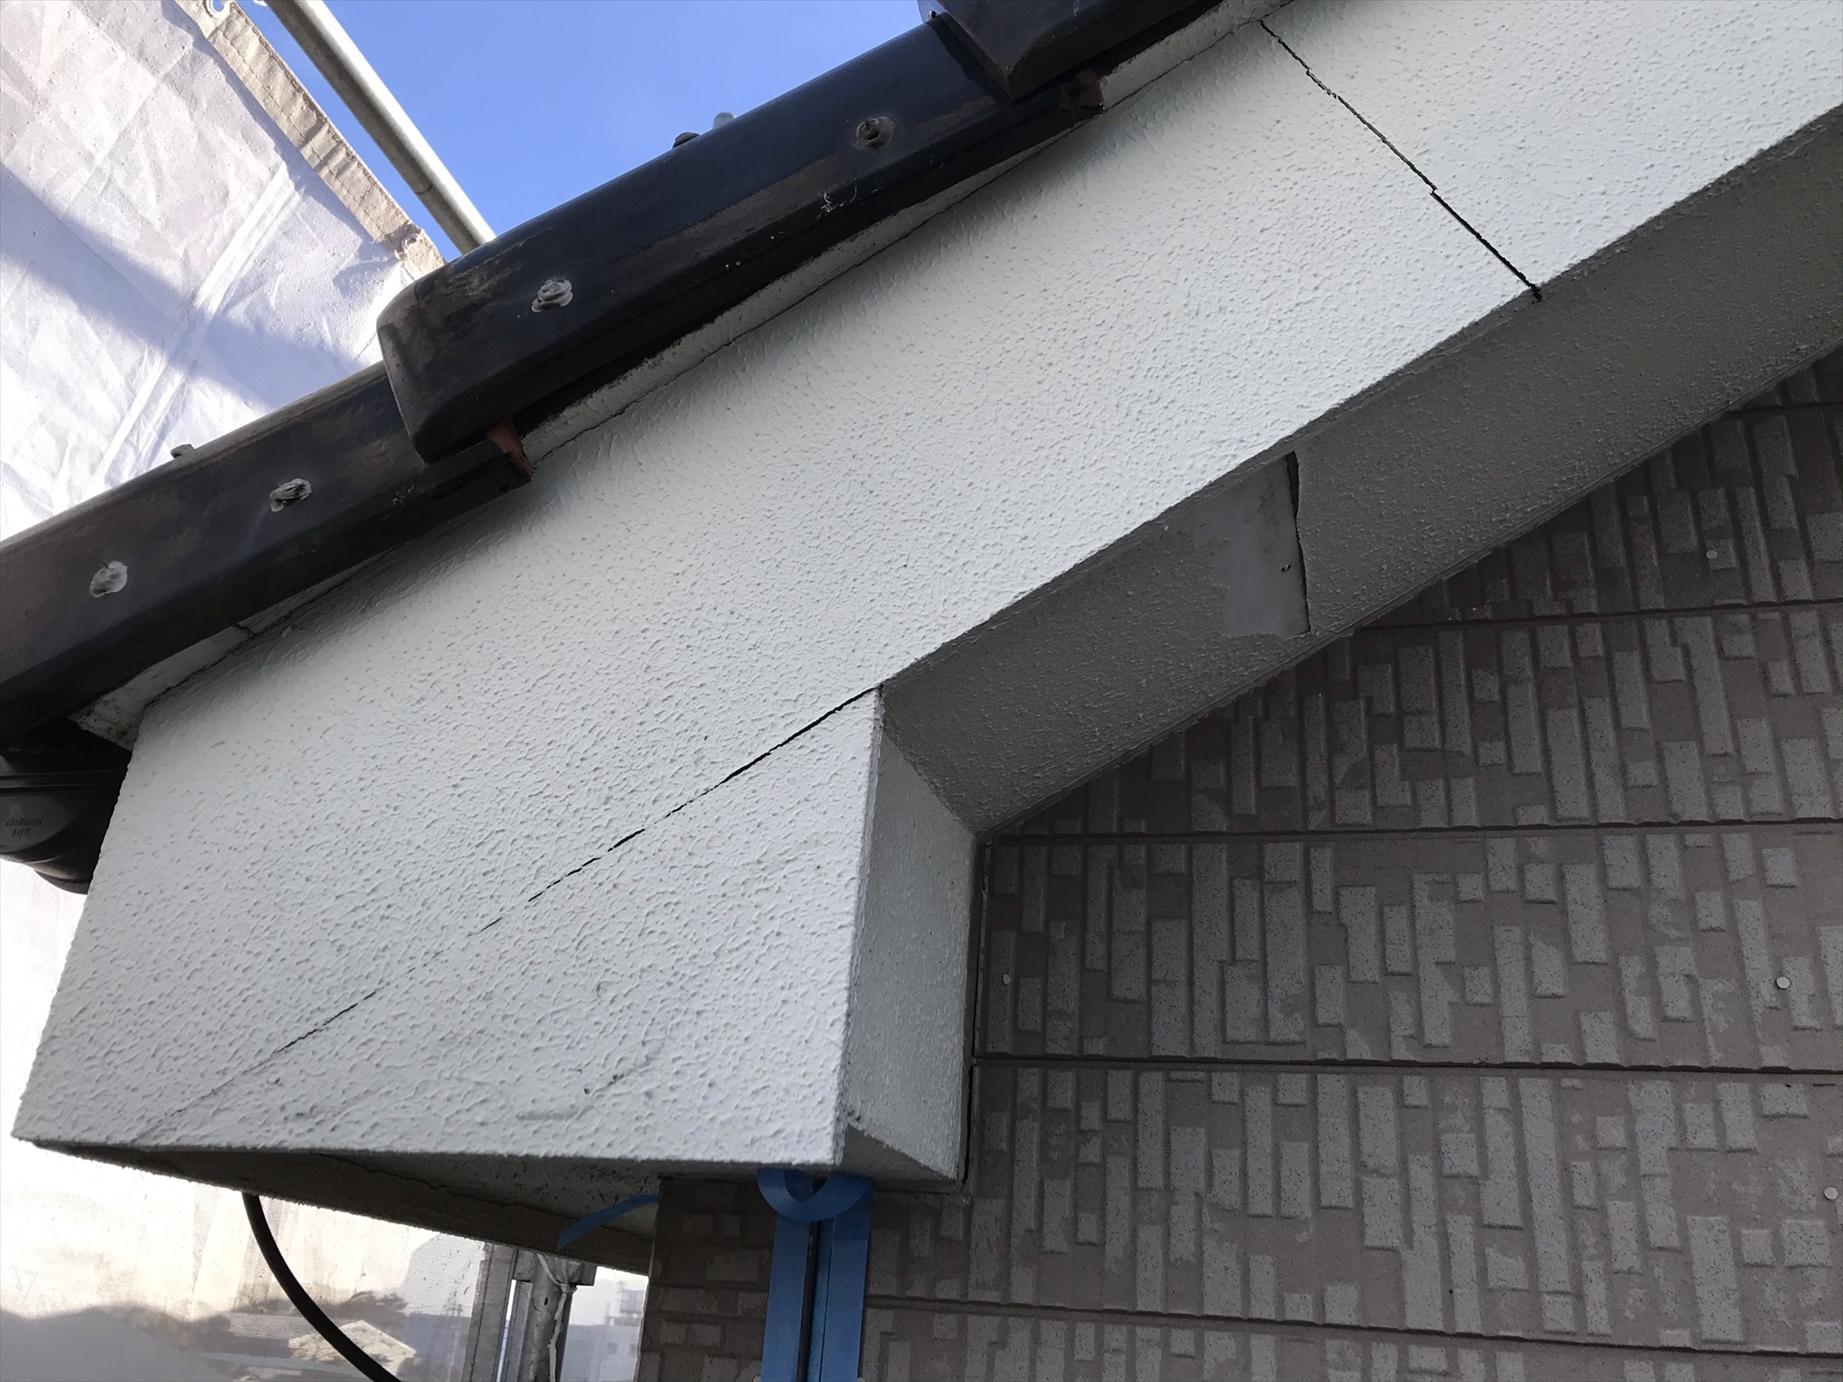 上尾市原市の外壁塗装無料点検時に破風板劣化不良発見